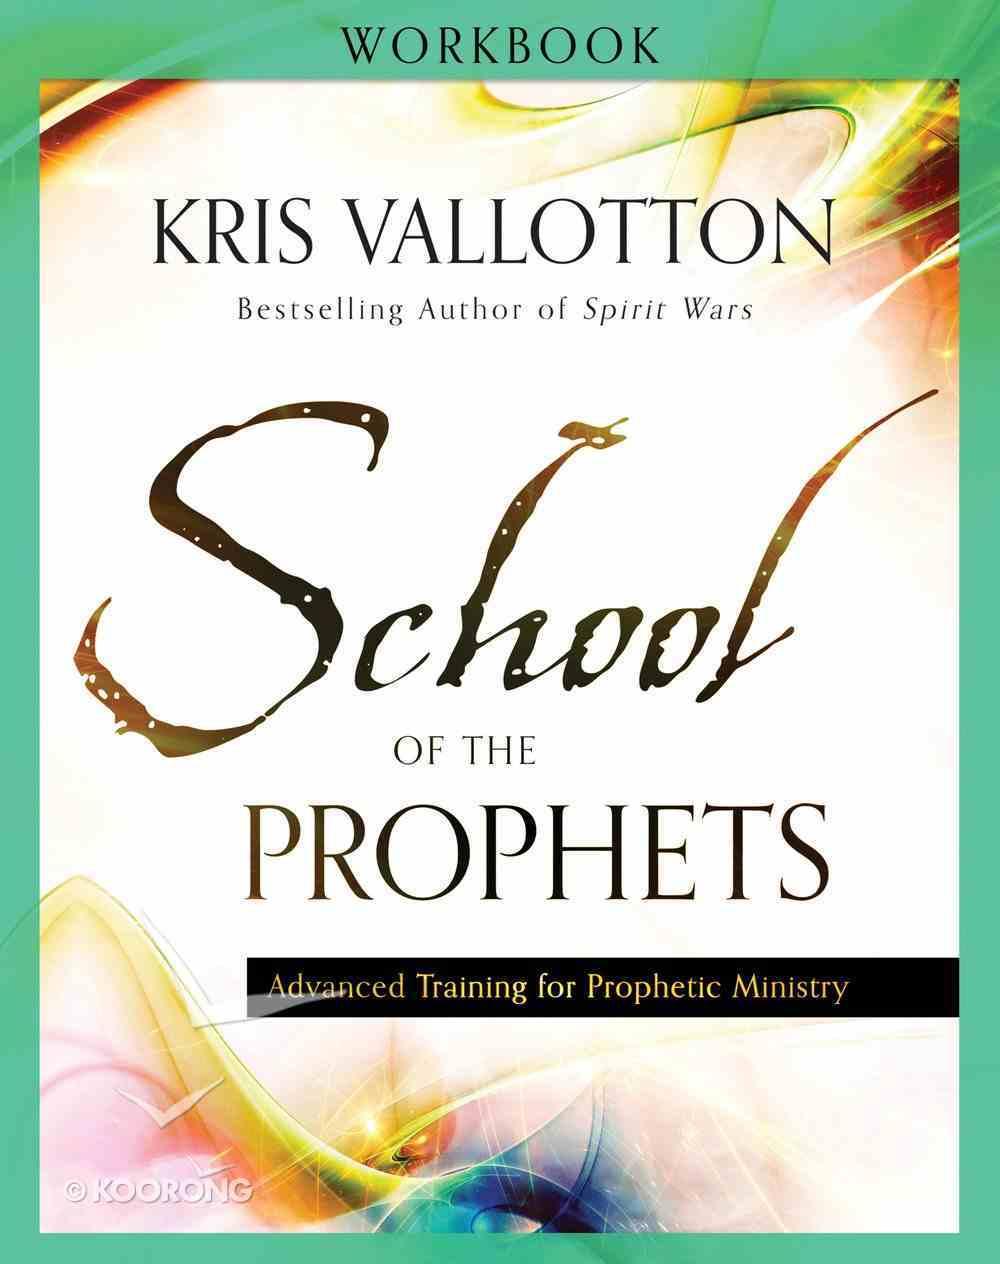 School of the Prophets (Workbook) Paperback